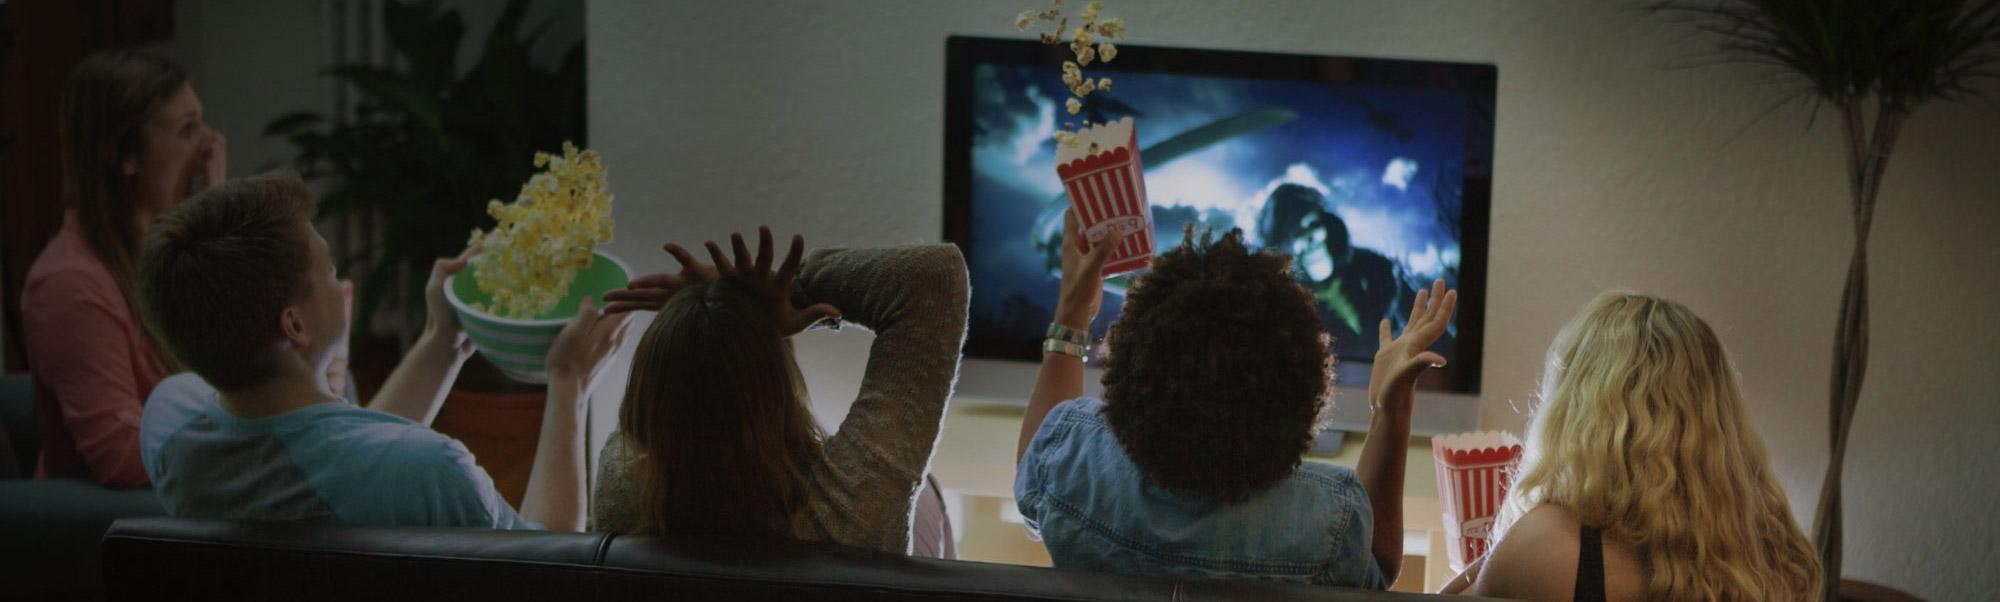 Bekijk de laatste films en tv-shows, waar je ook bent